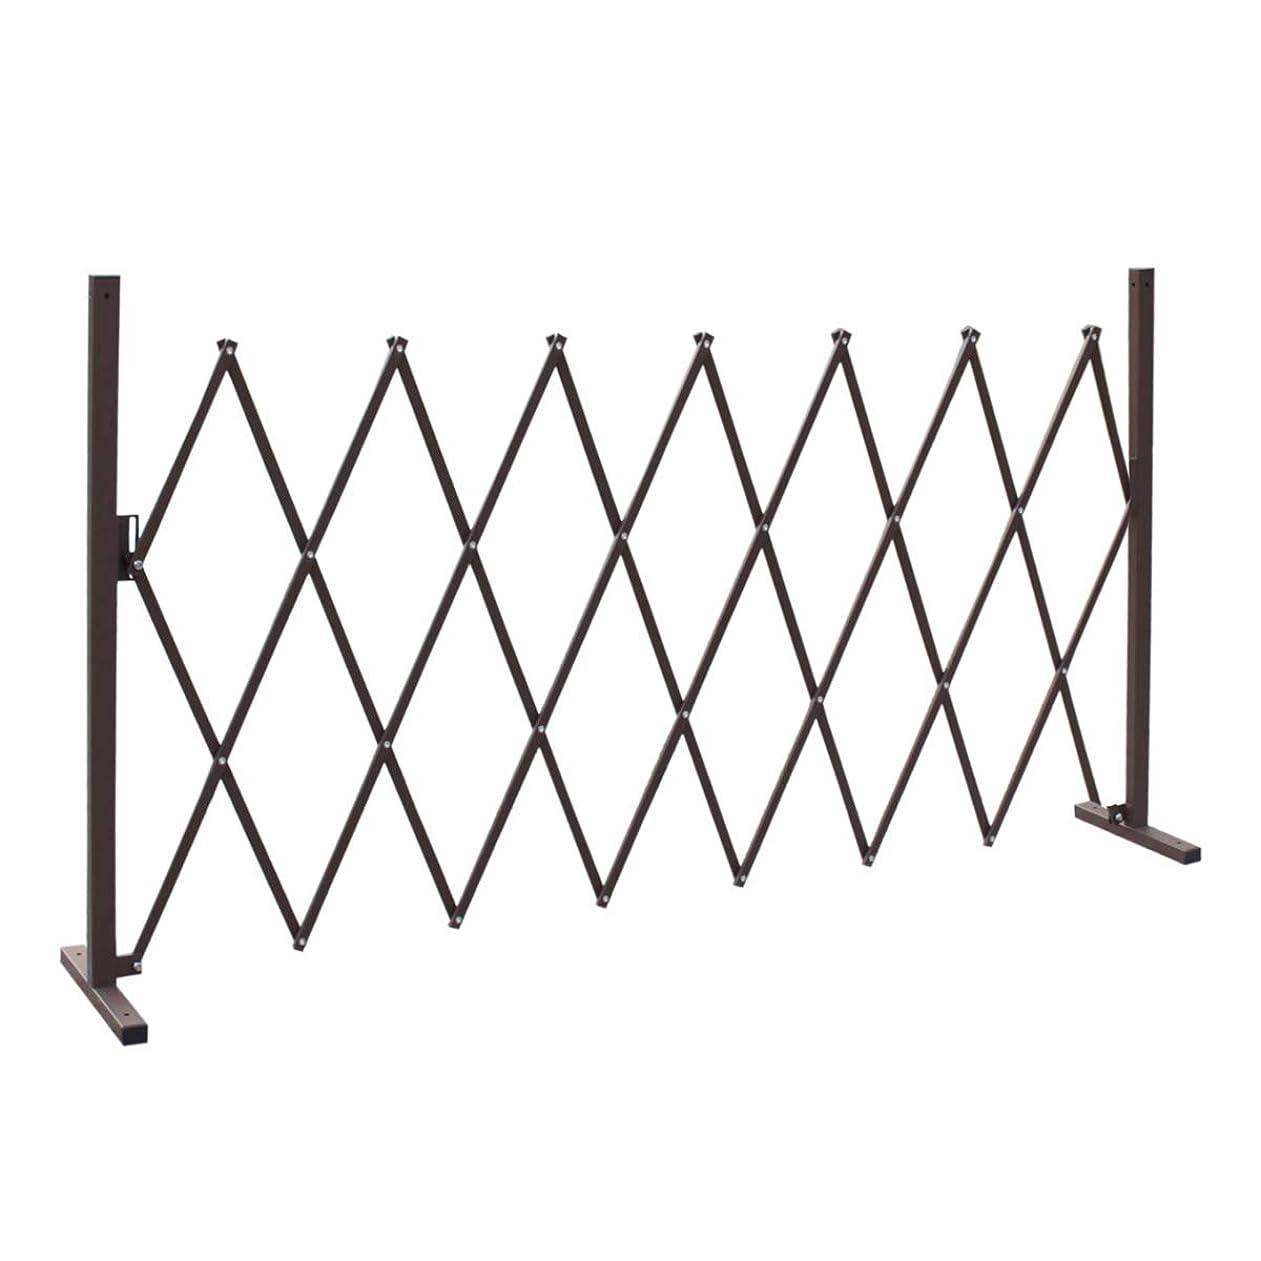 ファン理容室リスキーなWXG1020 2.4m 連結フェンス 門扉 伸縮式 アルミフェンス 間仕切り フェンス DIY ガーデニング グリーンフェンス アルマックス